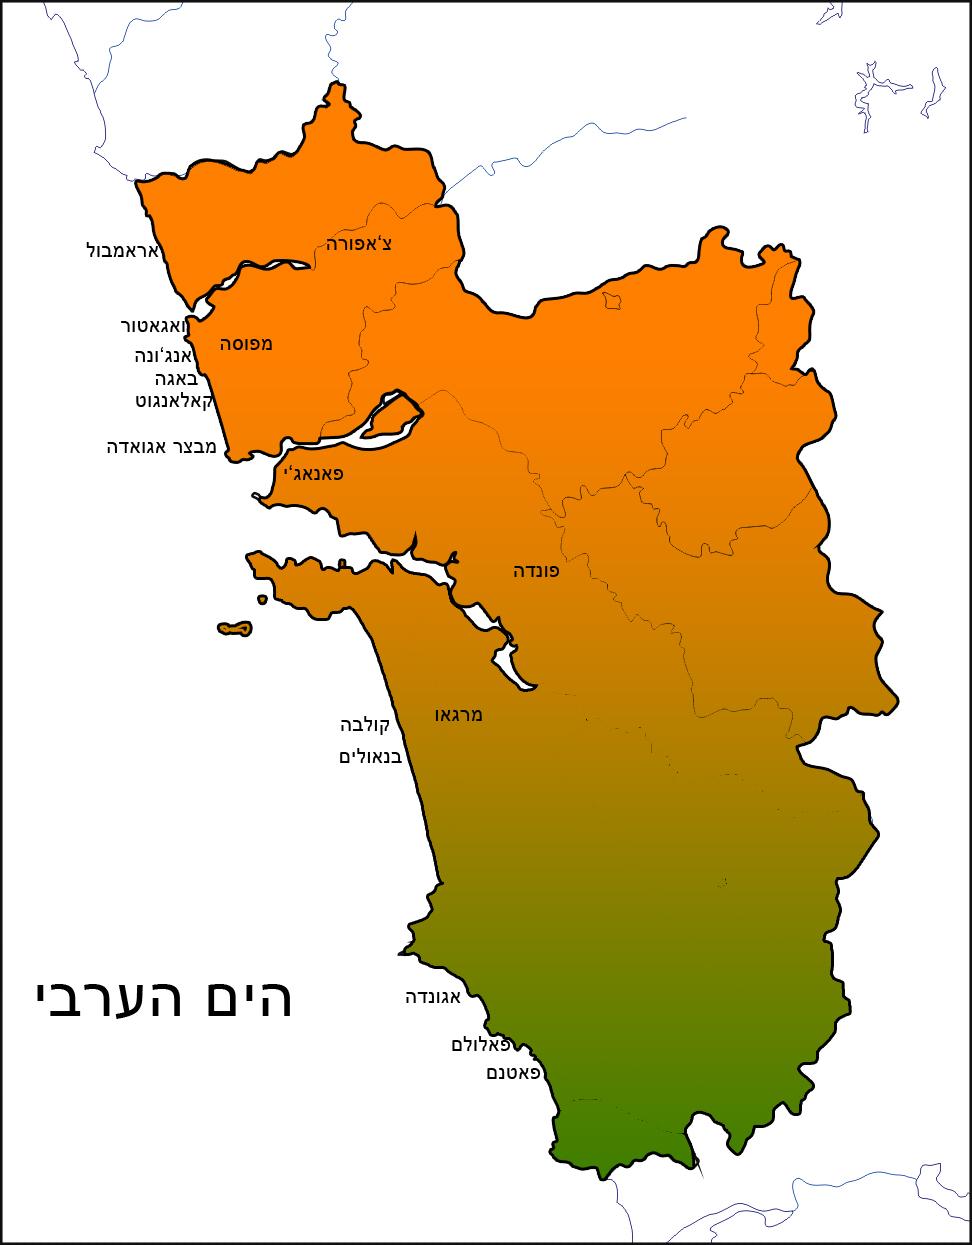 מפת גואה - הודו